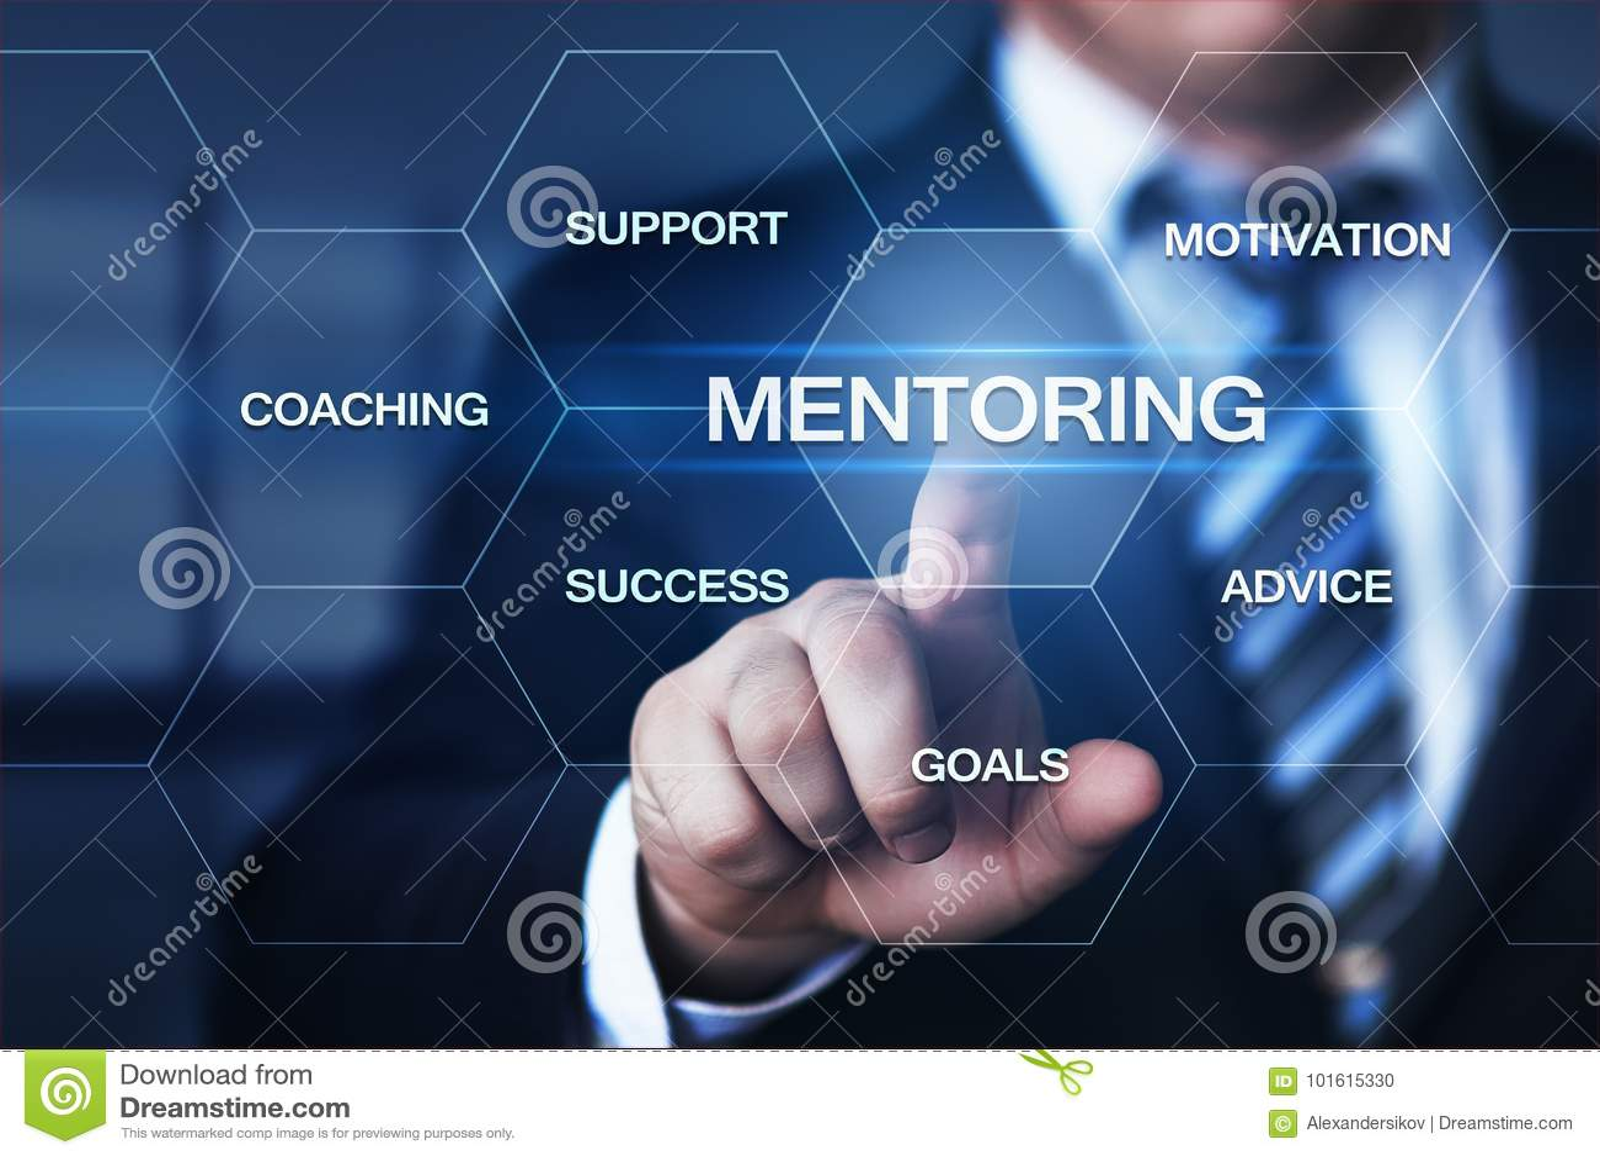 良师企业刺激教练的成功事业概念